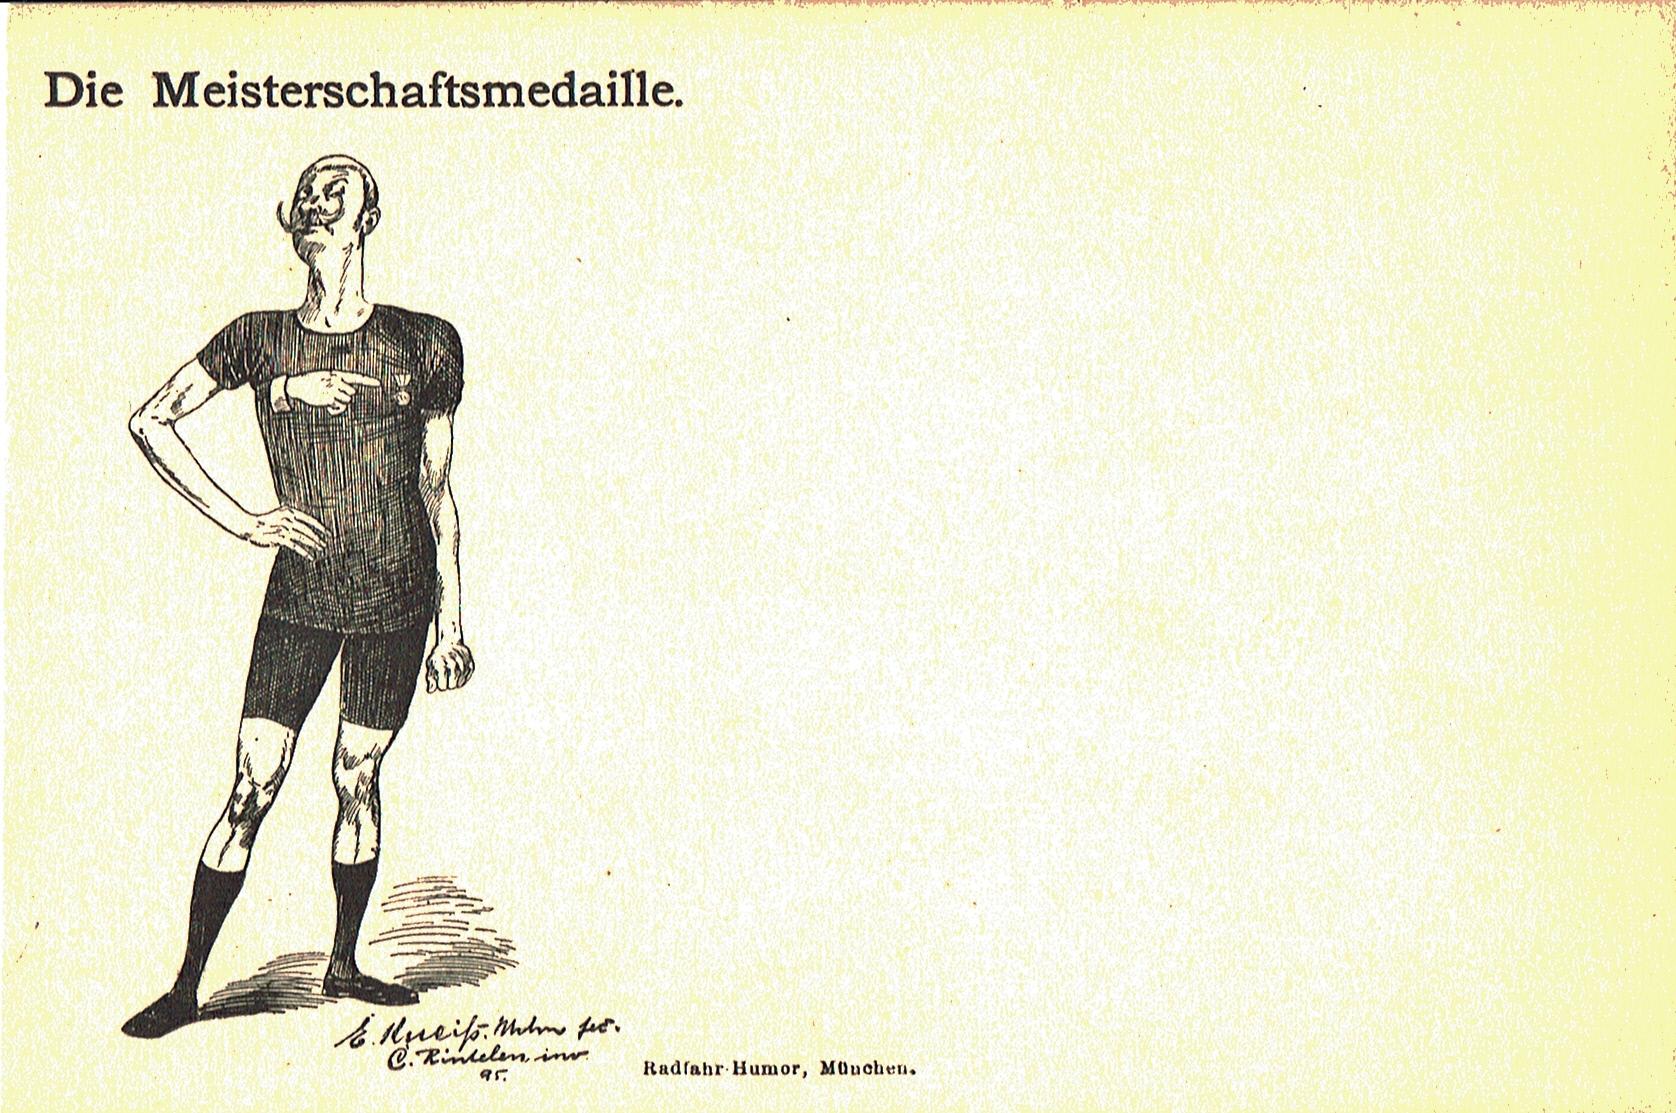 Ein Athlet, der auf seinem Trikot auf die errungene Medaille hinweist